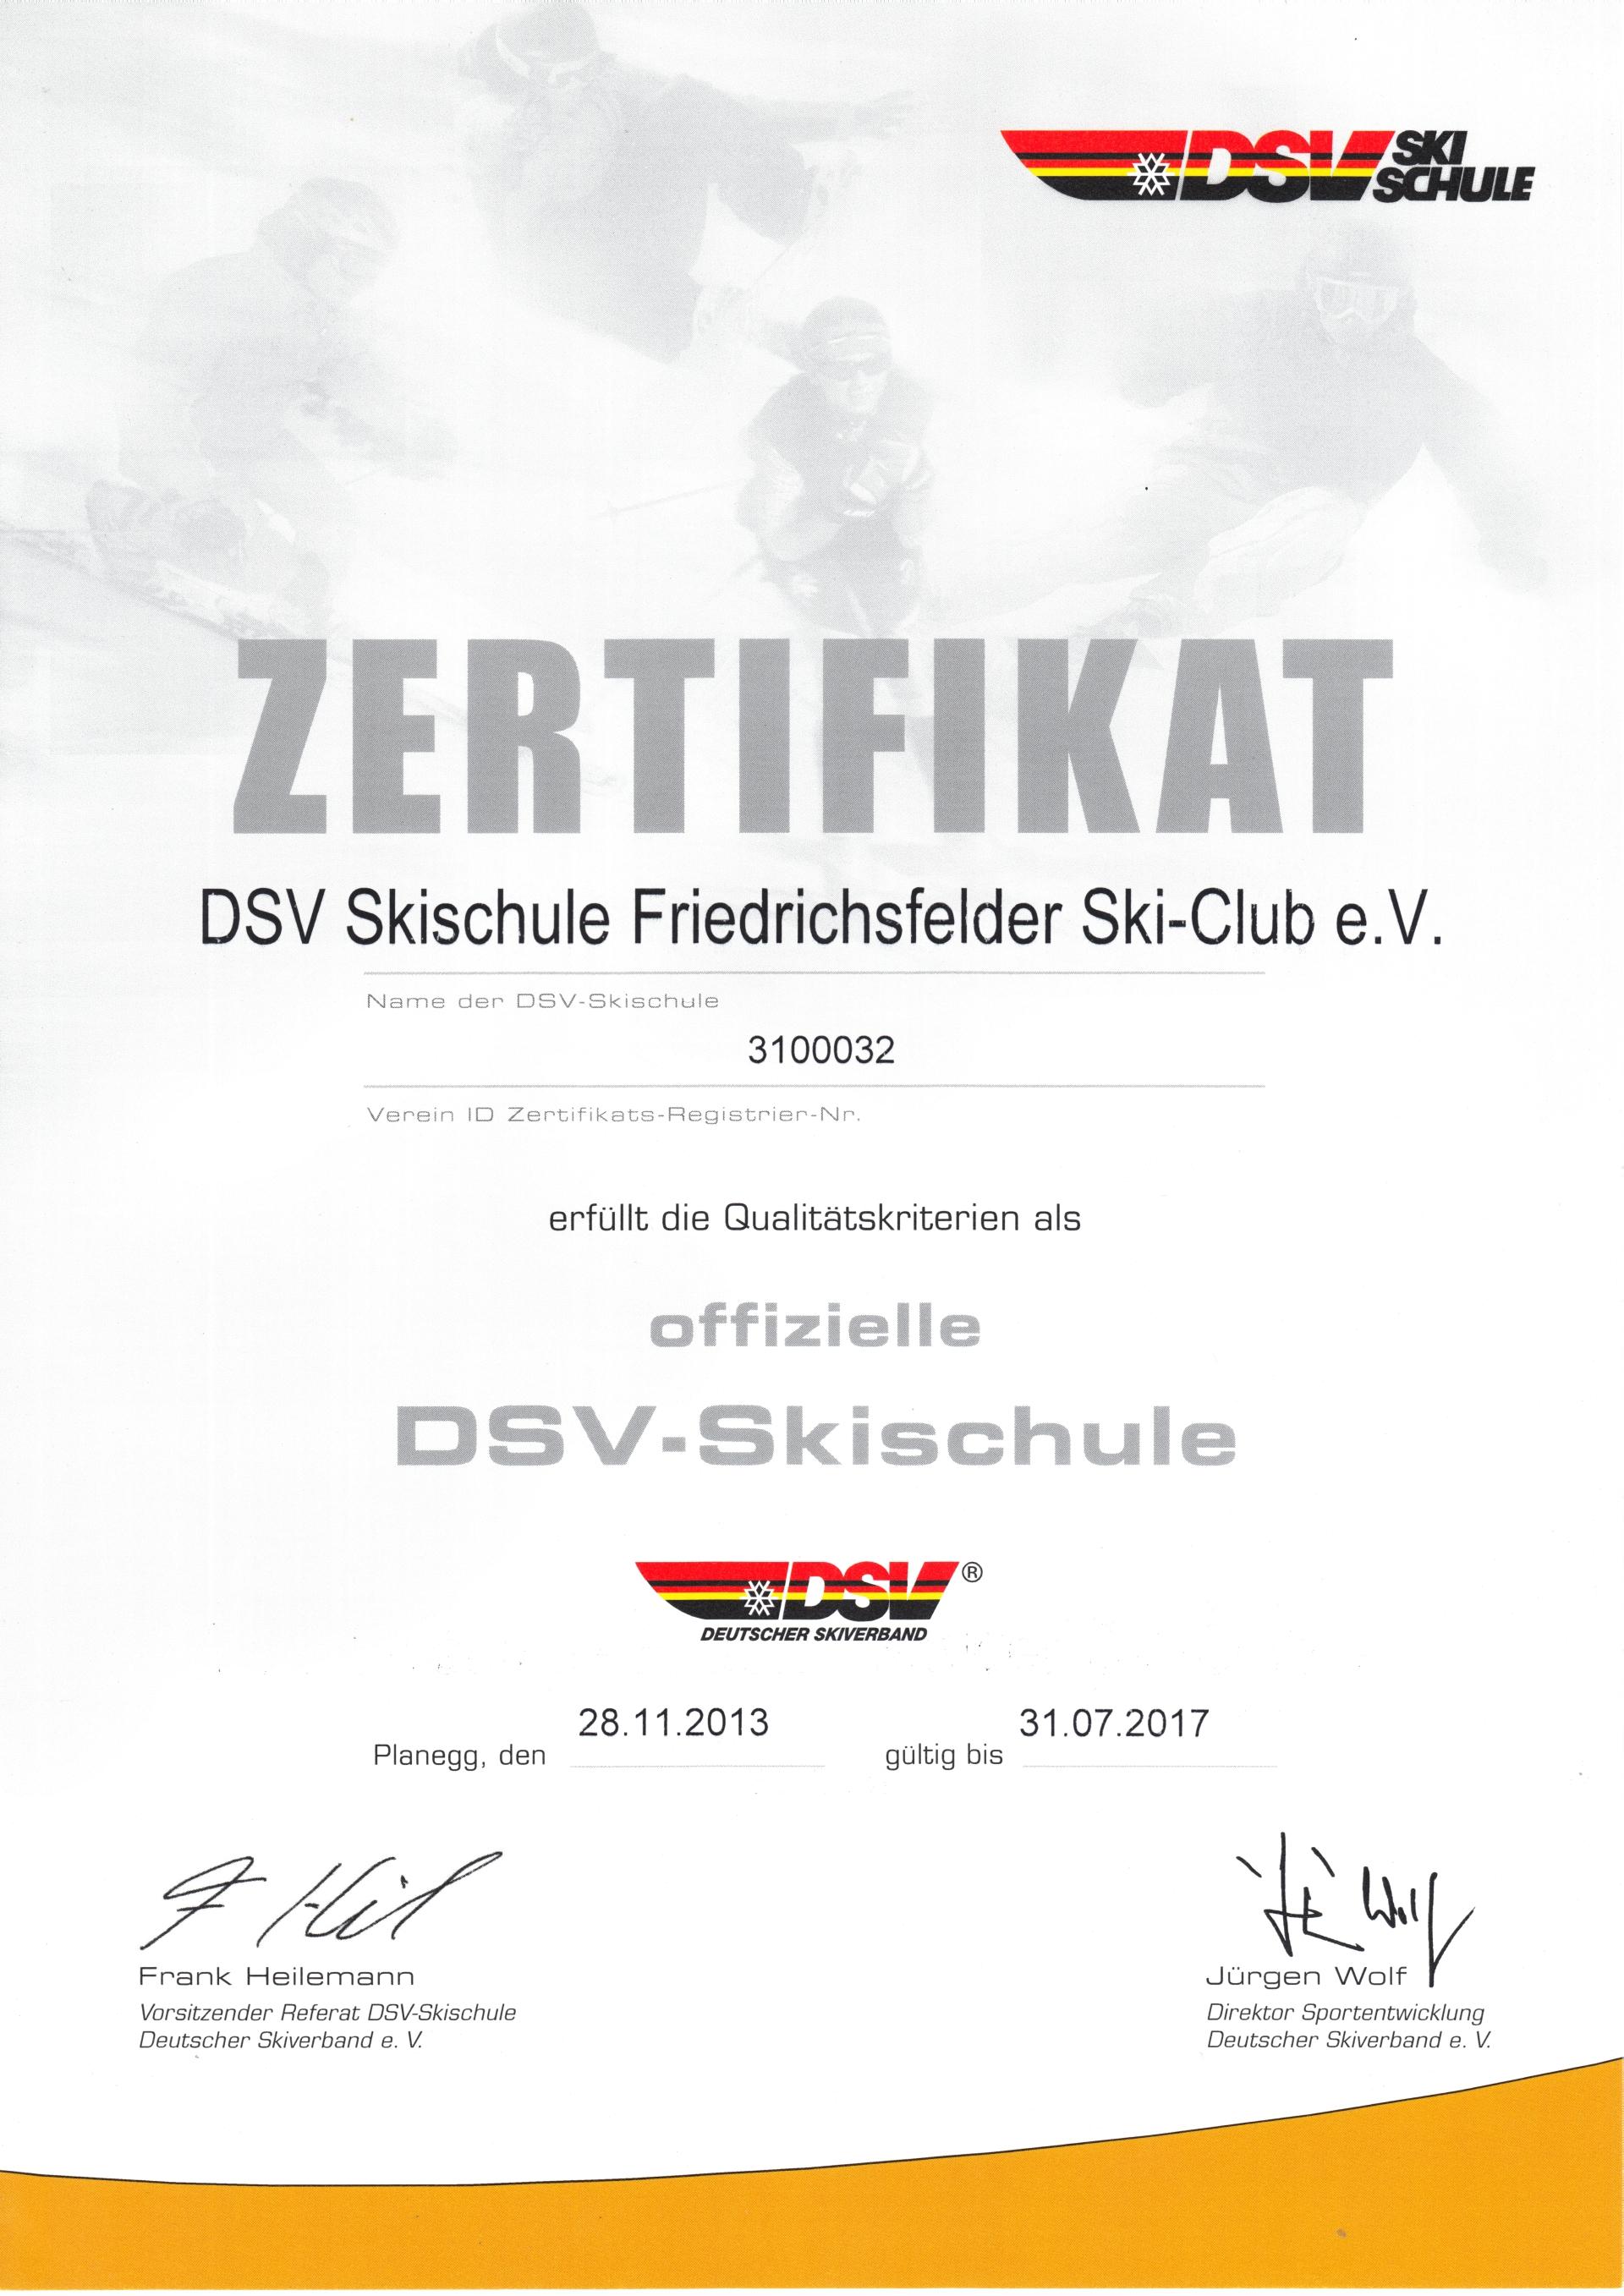 Zertifikat DSV Skischule Friedrichsfelder Ski-Club e.V. 2013-2017